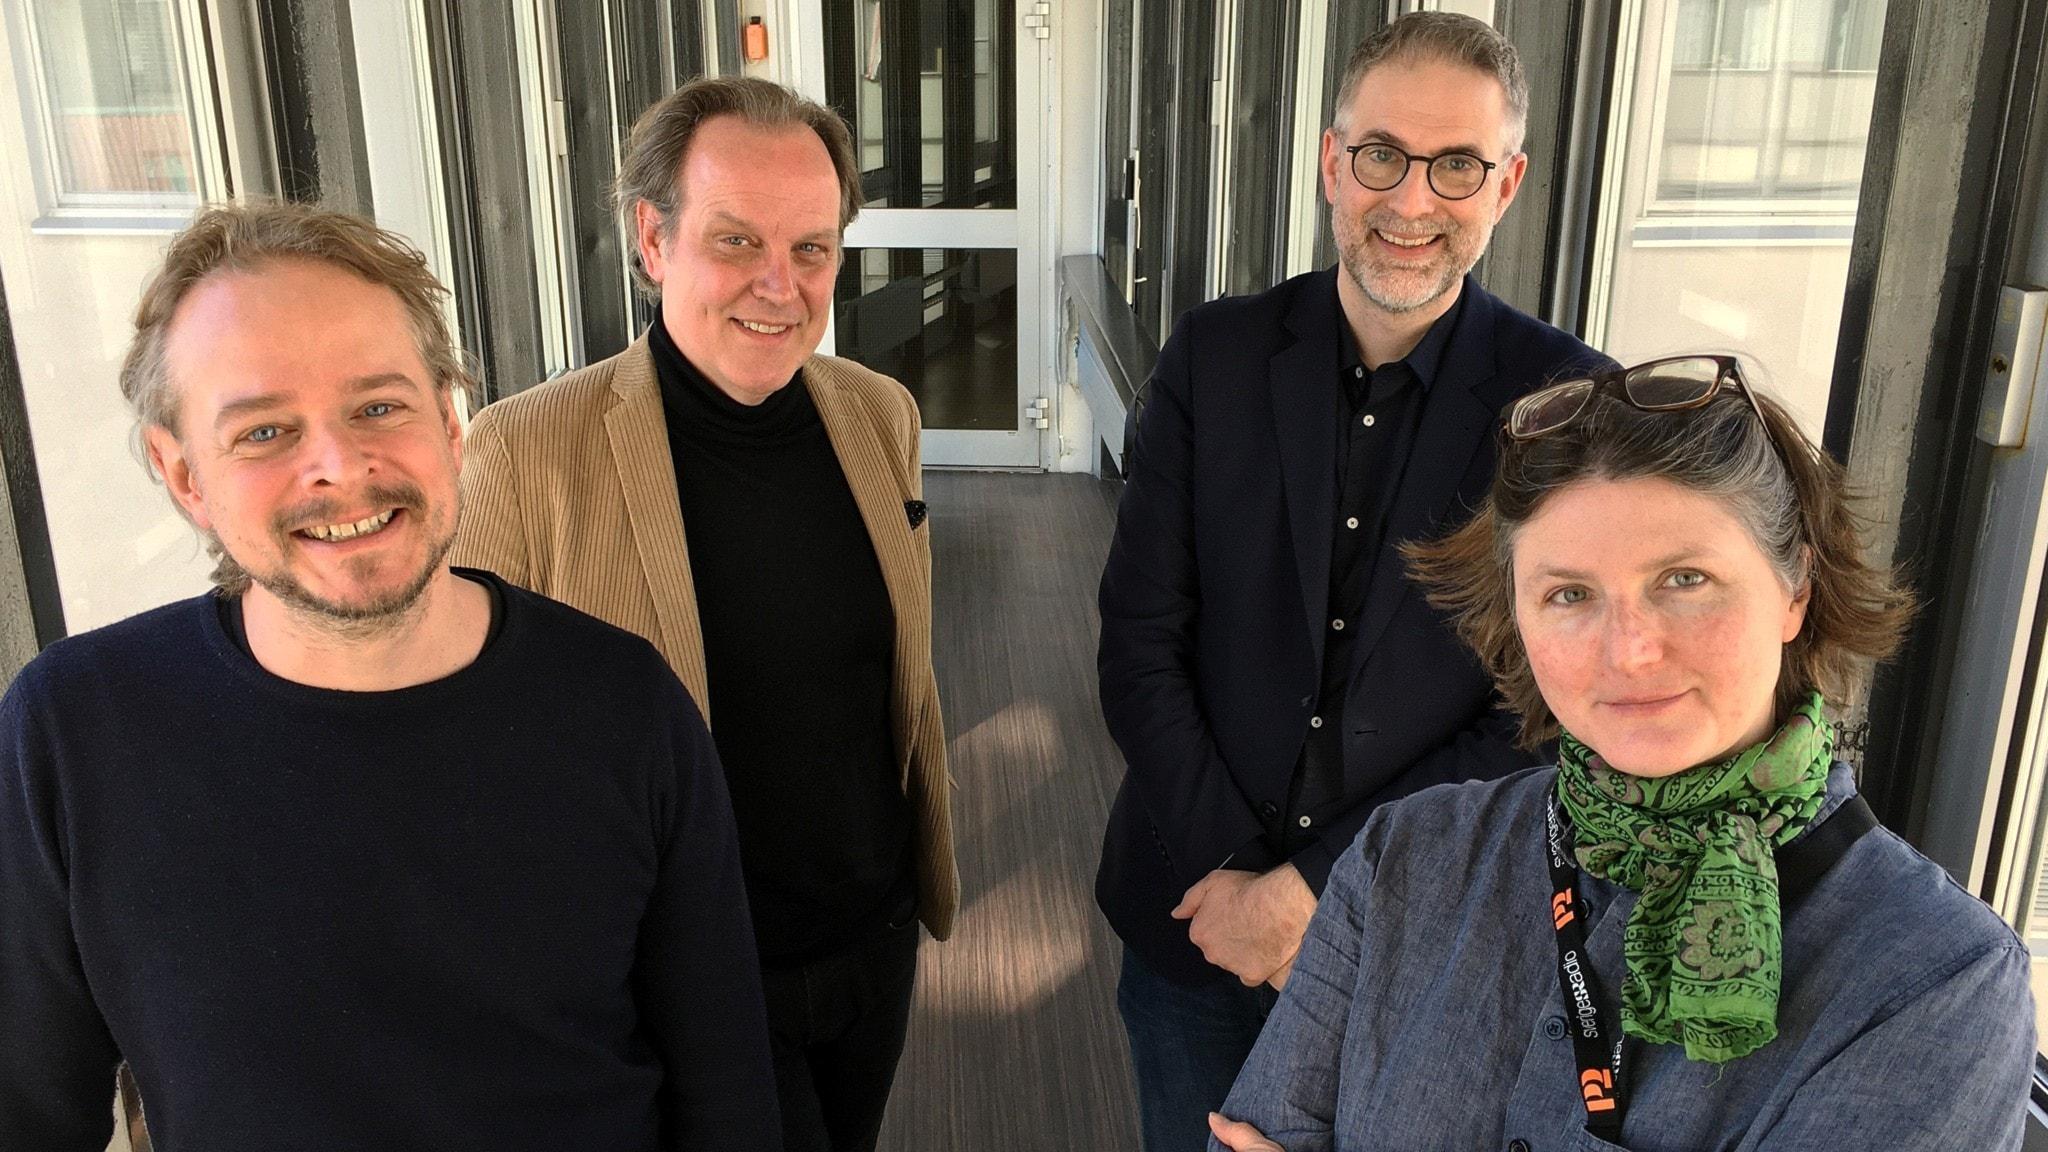 Panelen består denna vecka av P2:s Martin Gribbe och Sara Norling samt Tony Lundman, redaktör på Stockholms Konserthus. Programledare är Johan Korssell.